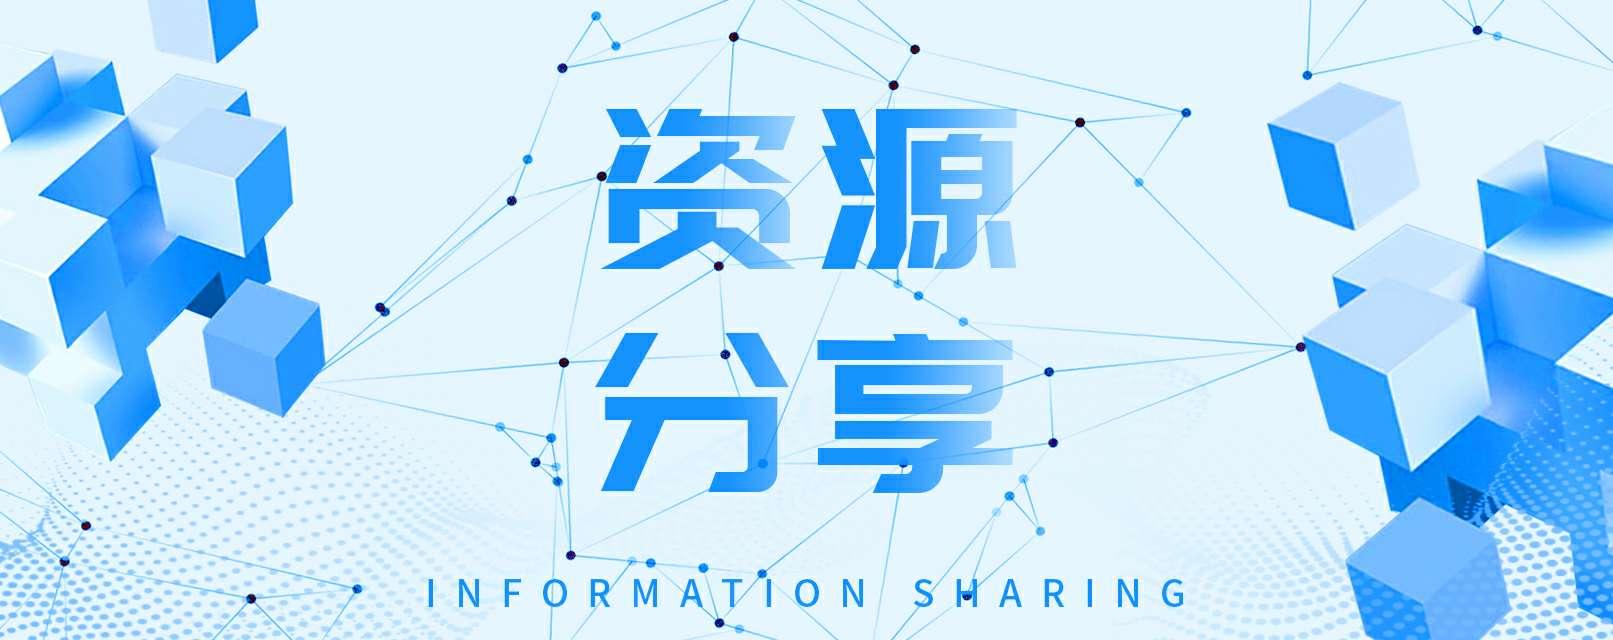 【分享】NHK简明日语*带你学习日语*